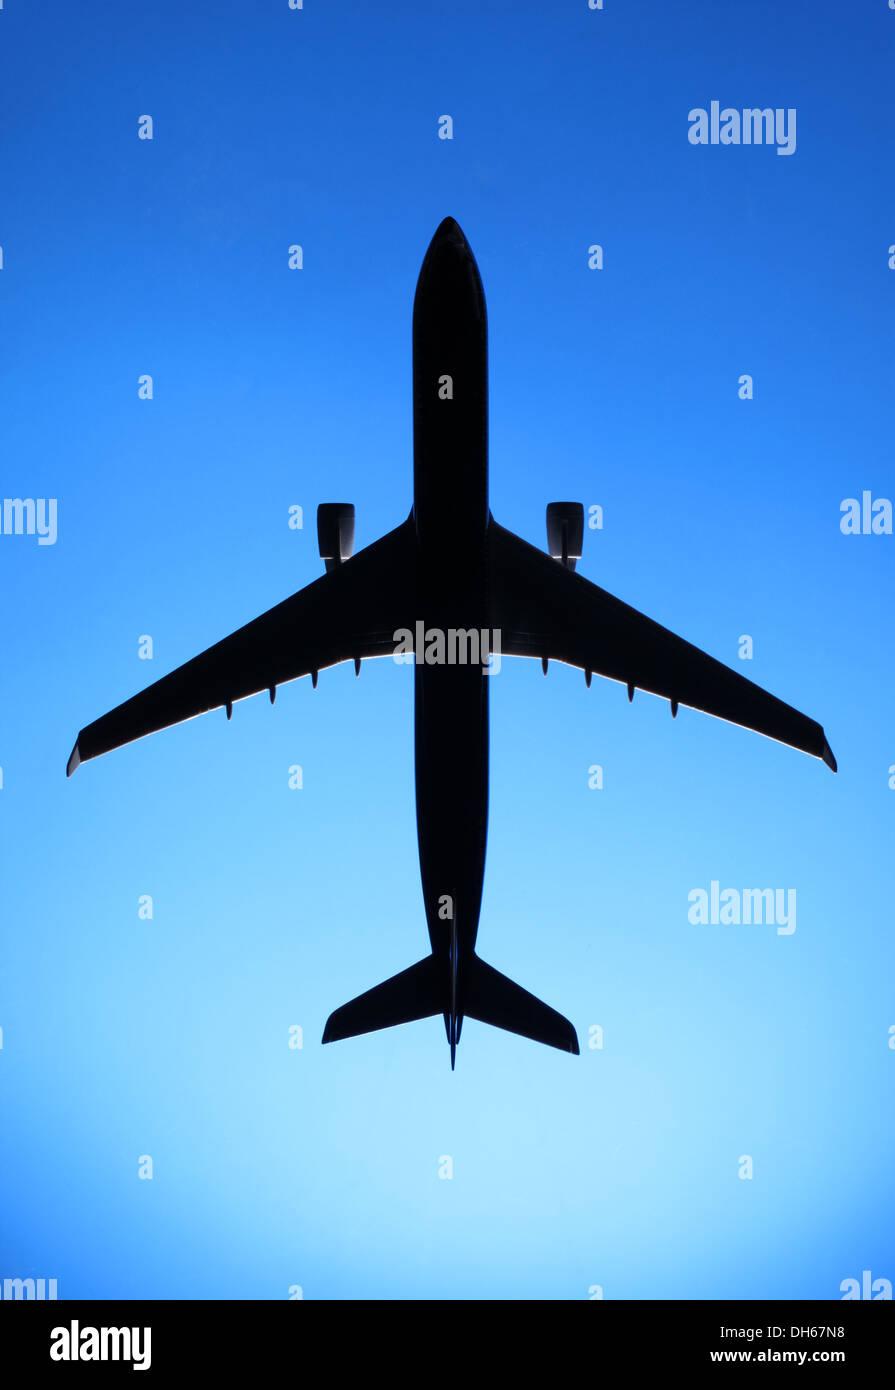 Un modello di plastica di un aereo commerciale aereo vola nel cielo blu Immagini Stock